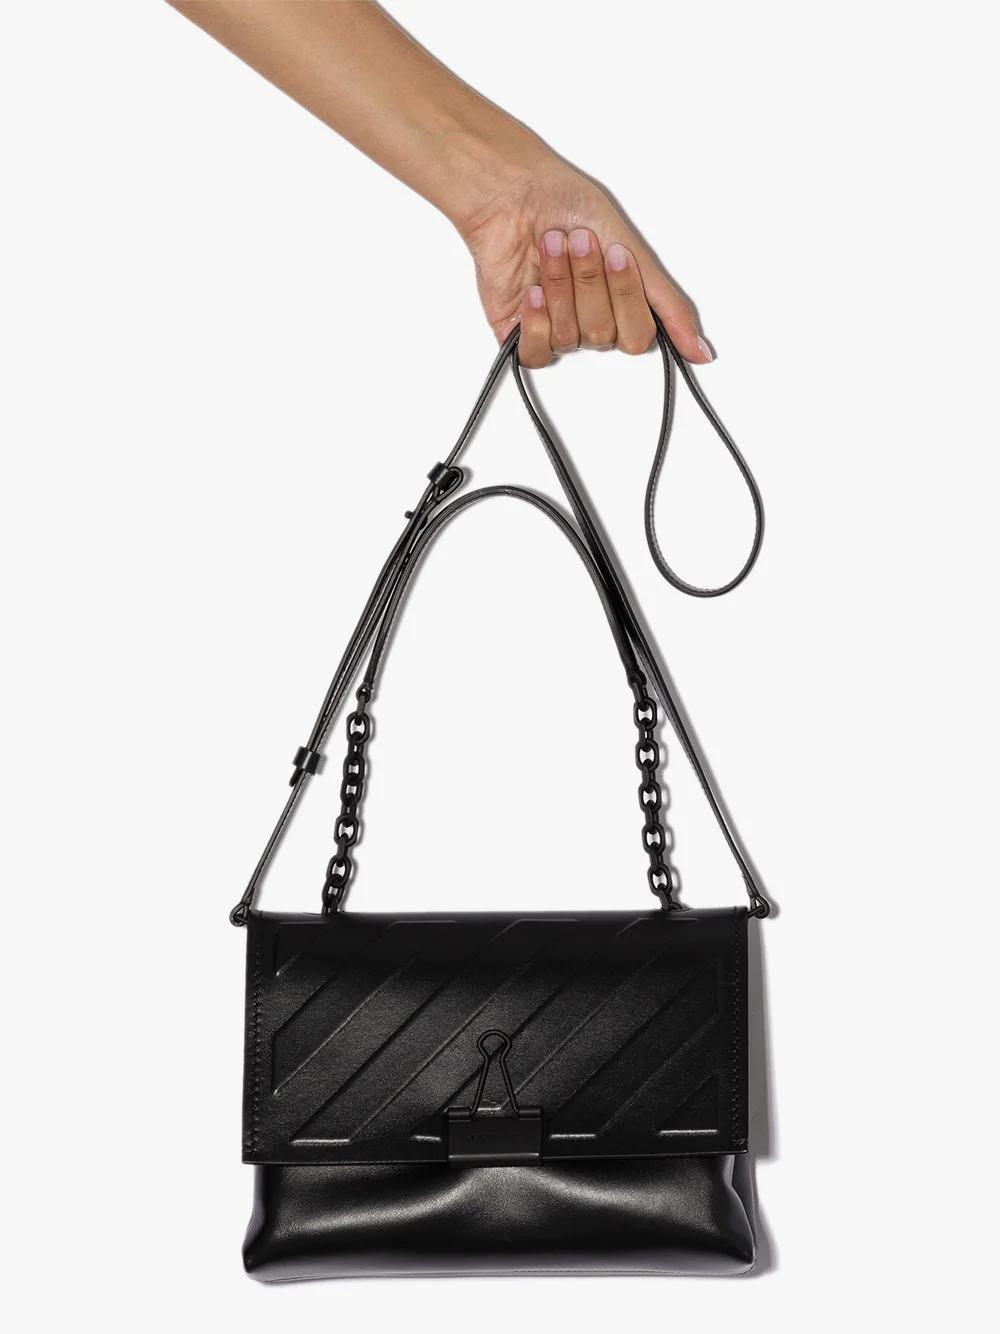 Off White Diag Binder Clip Shoulder Bag Farfetch Shoulder Bag Bags Shoulder